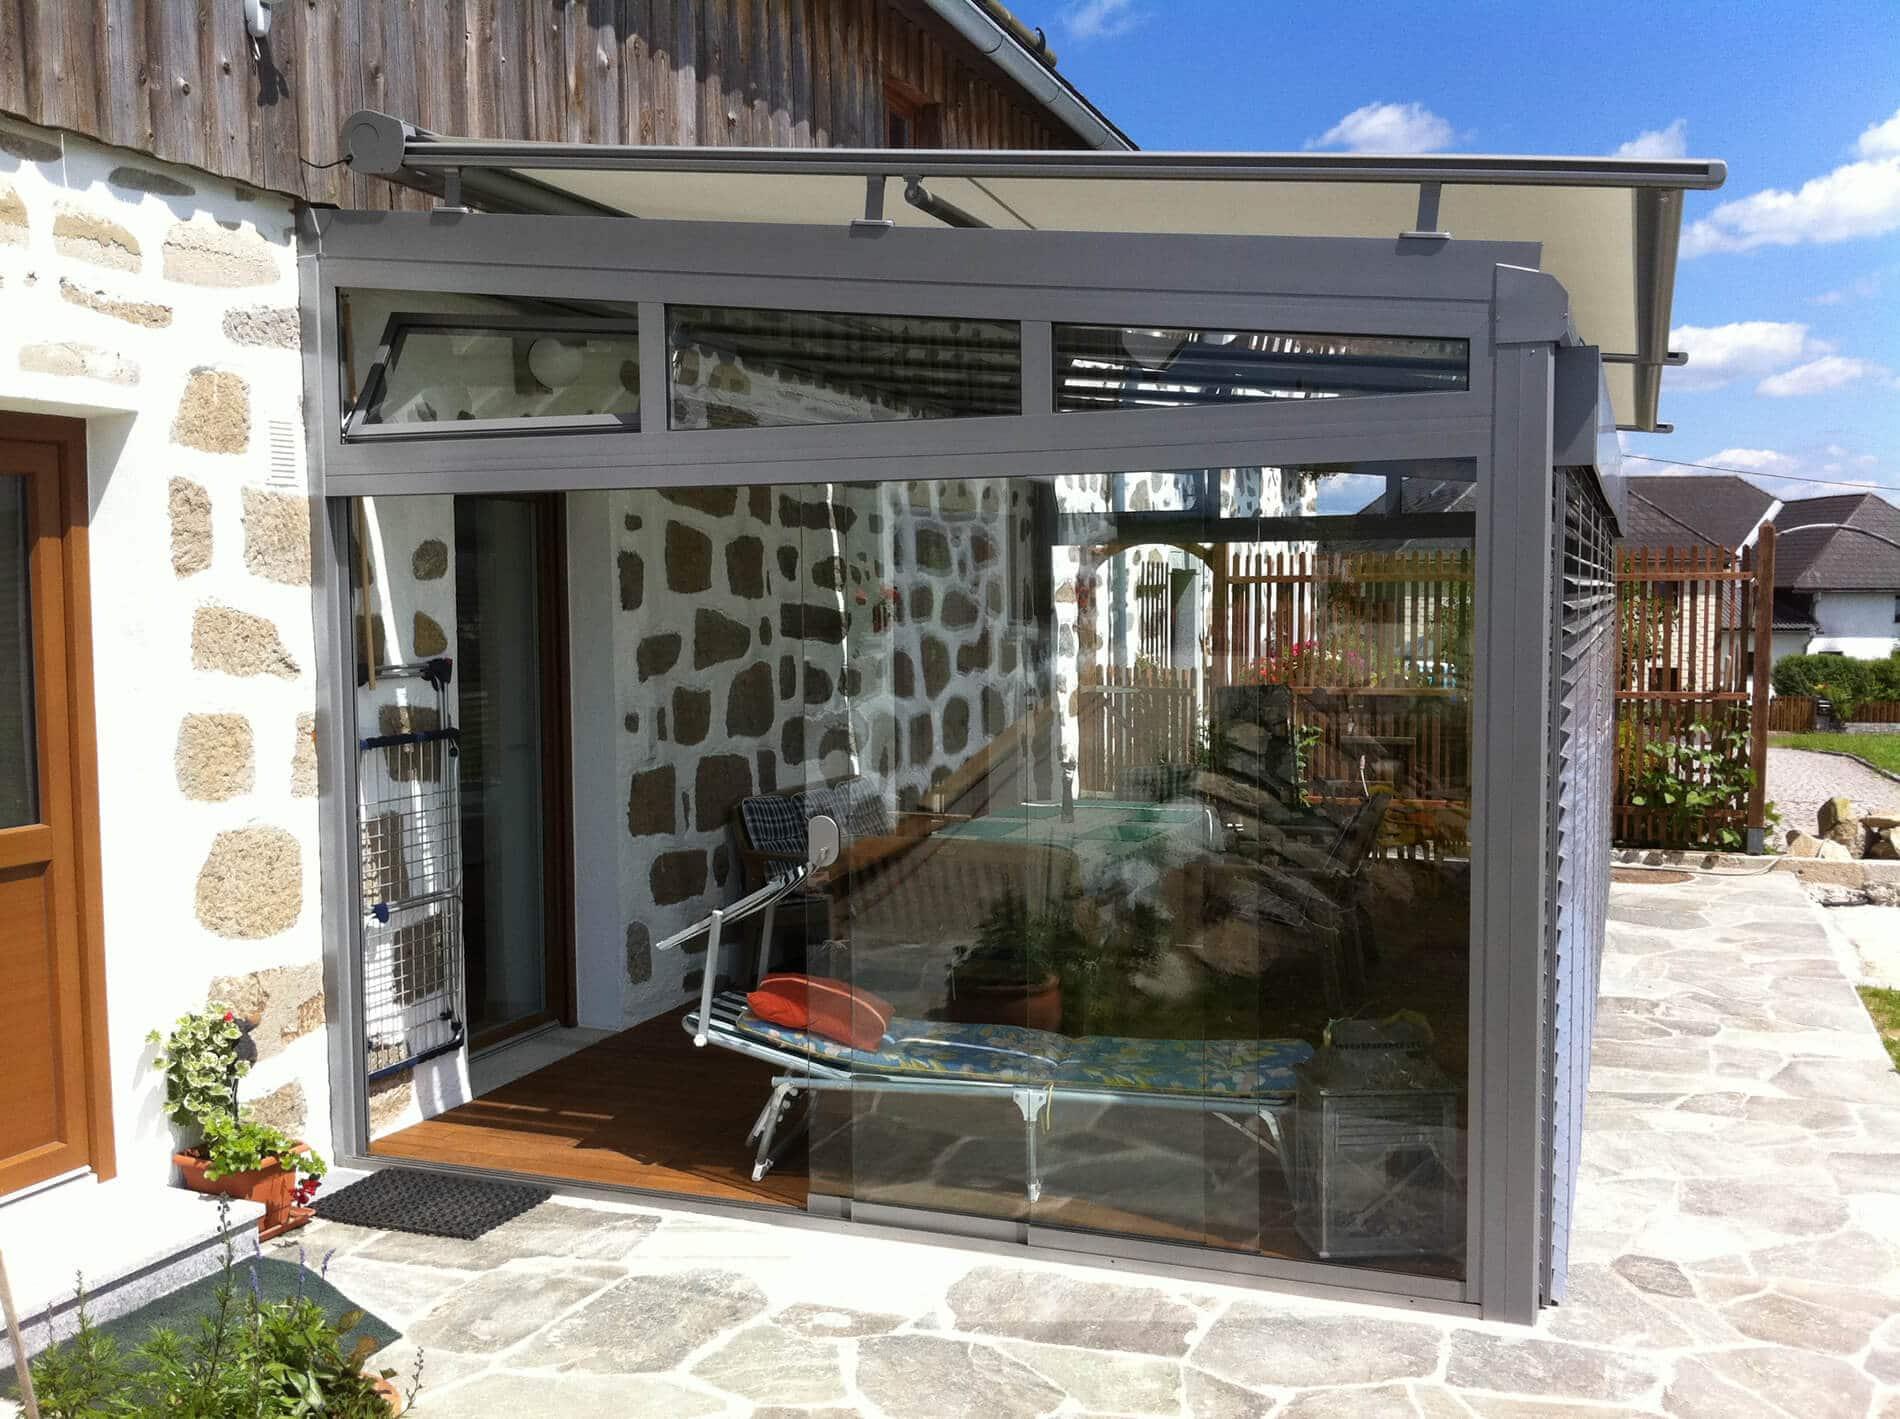 Outdoor Küche Im Wintergarten : Outdoor küche mit glasschiebetüren wintergarten schmidinger